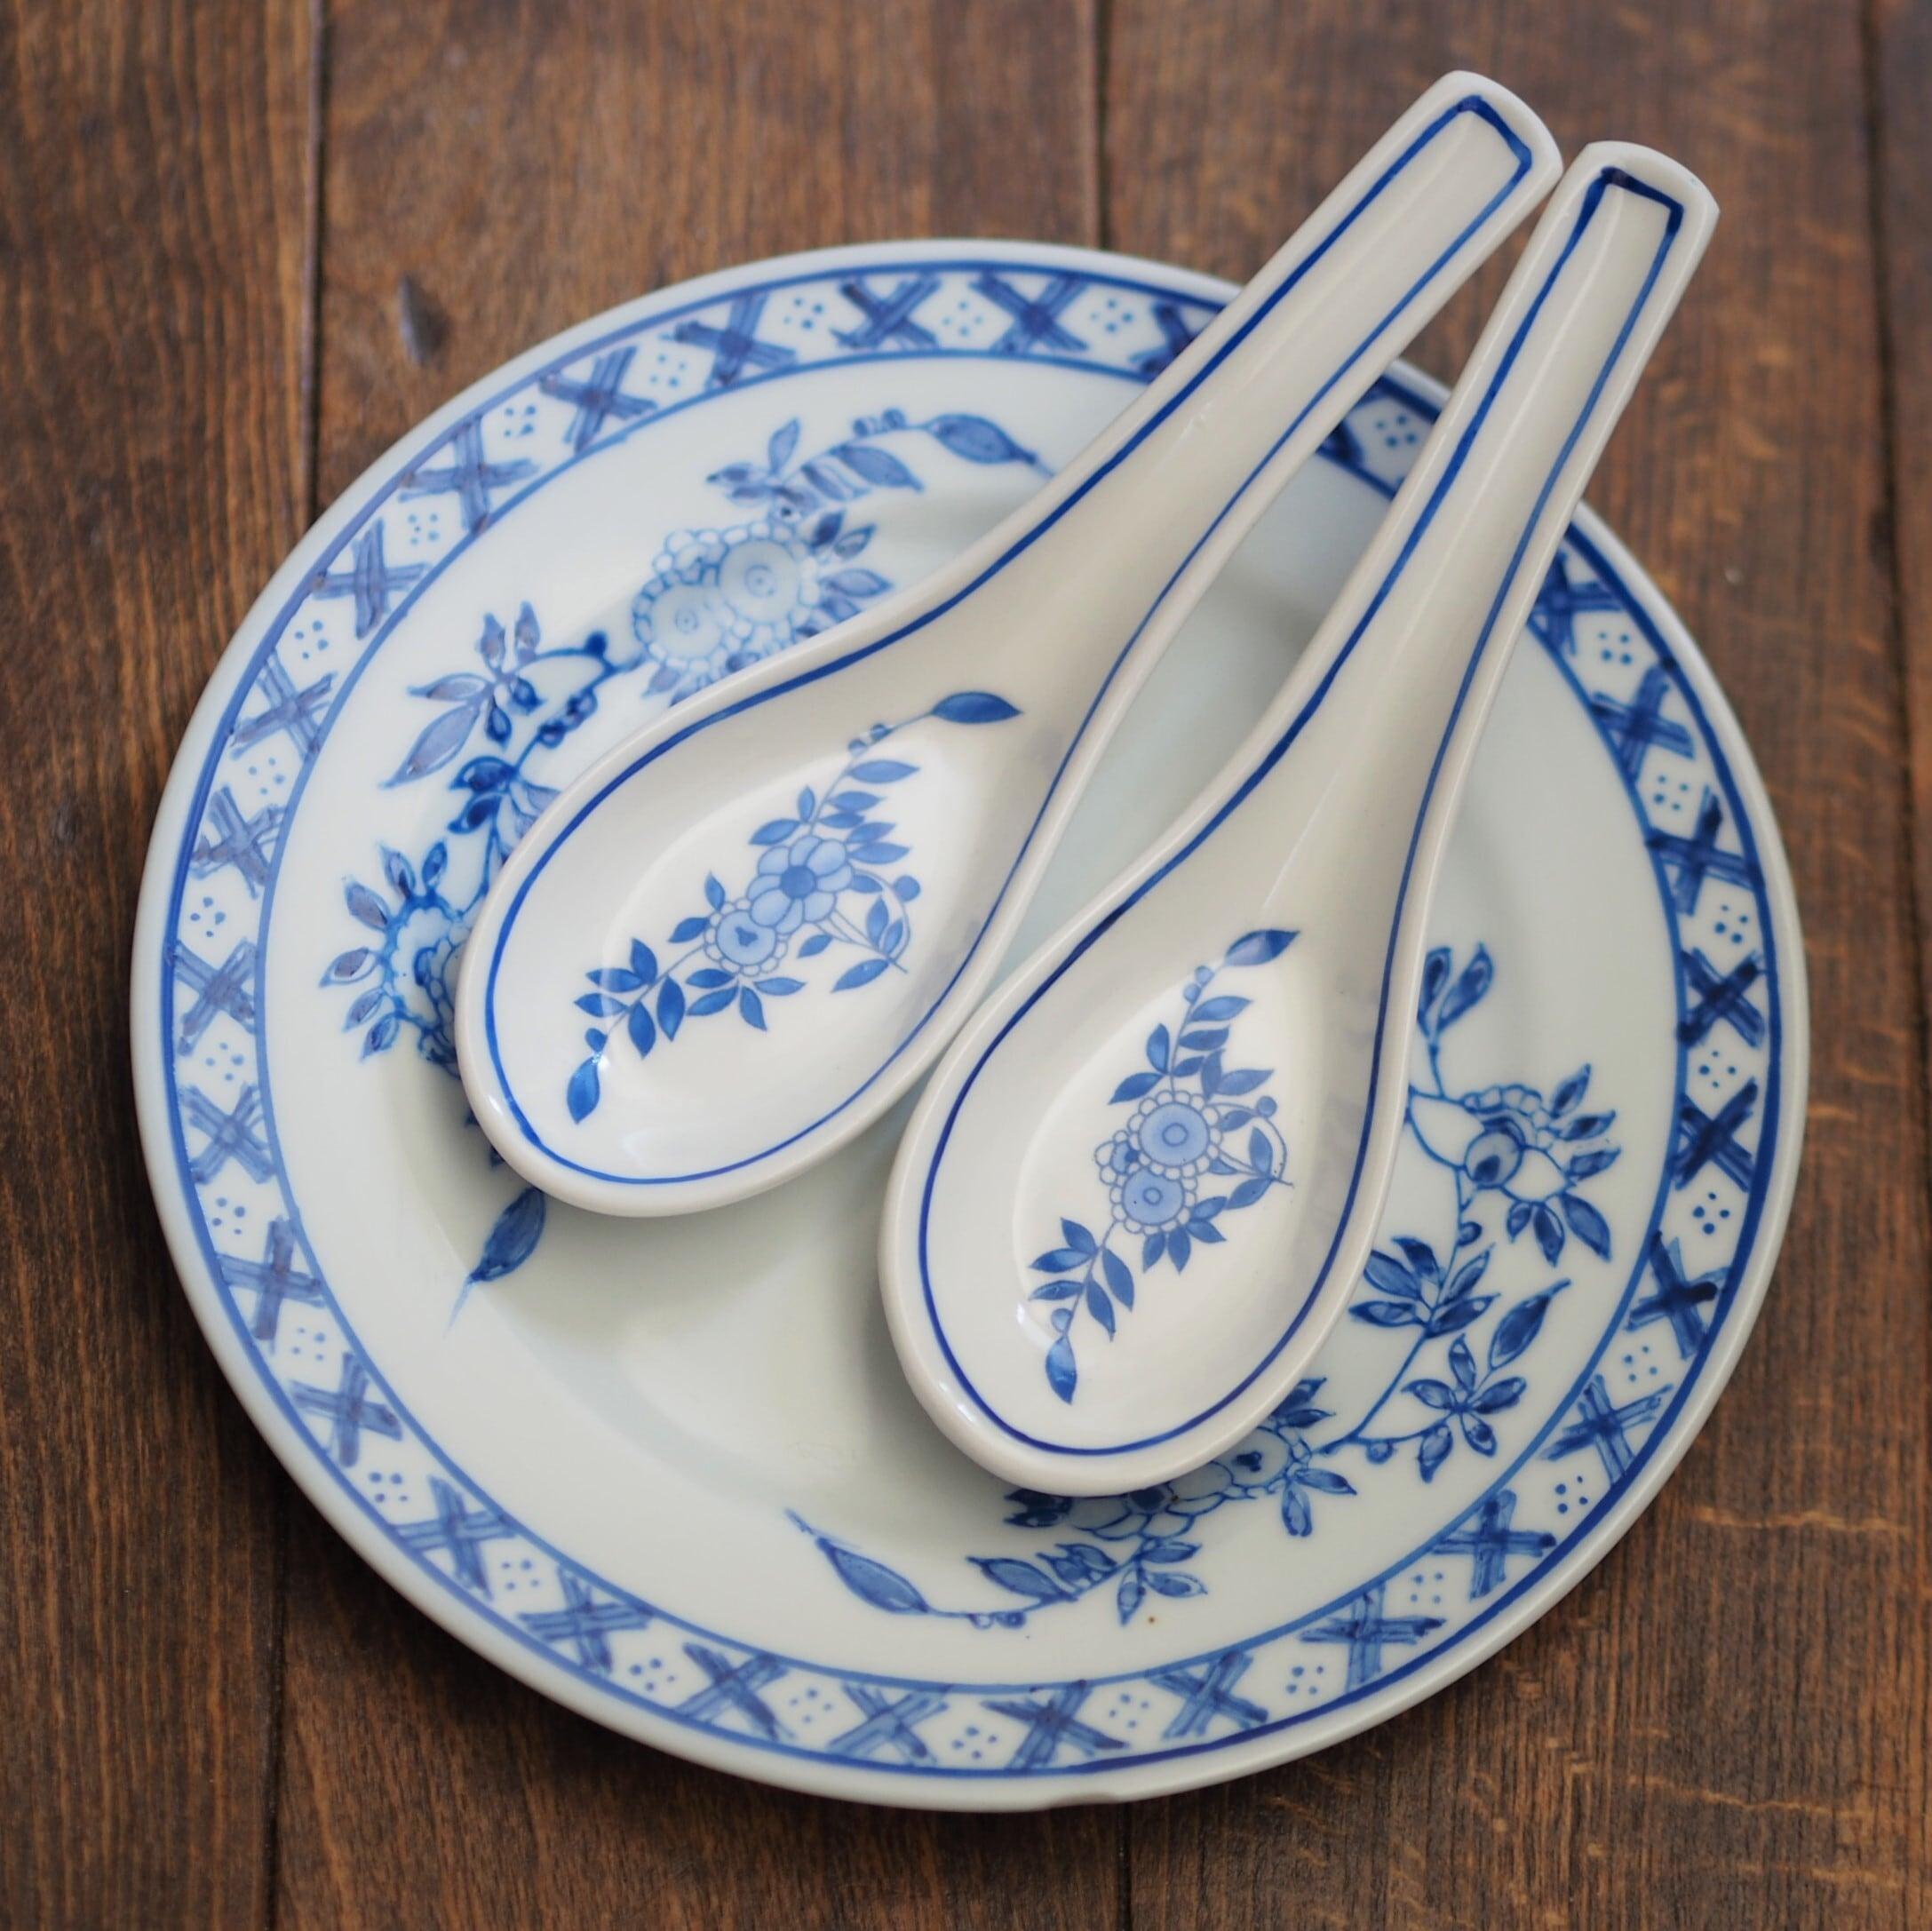 『ブルークレストのレンゲ』ペニンシュラ食器/香港